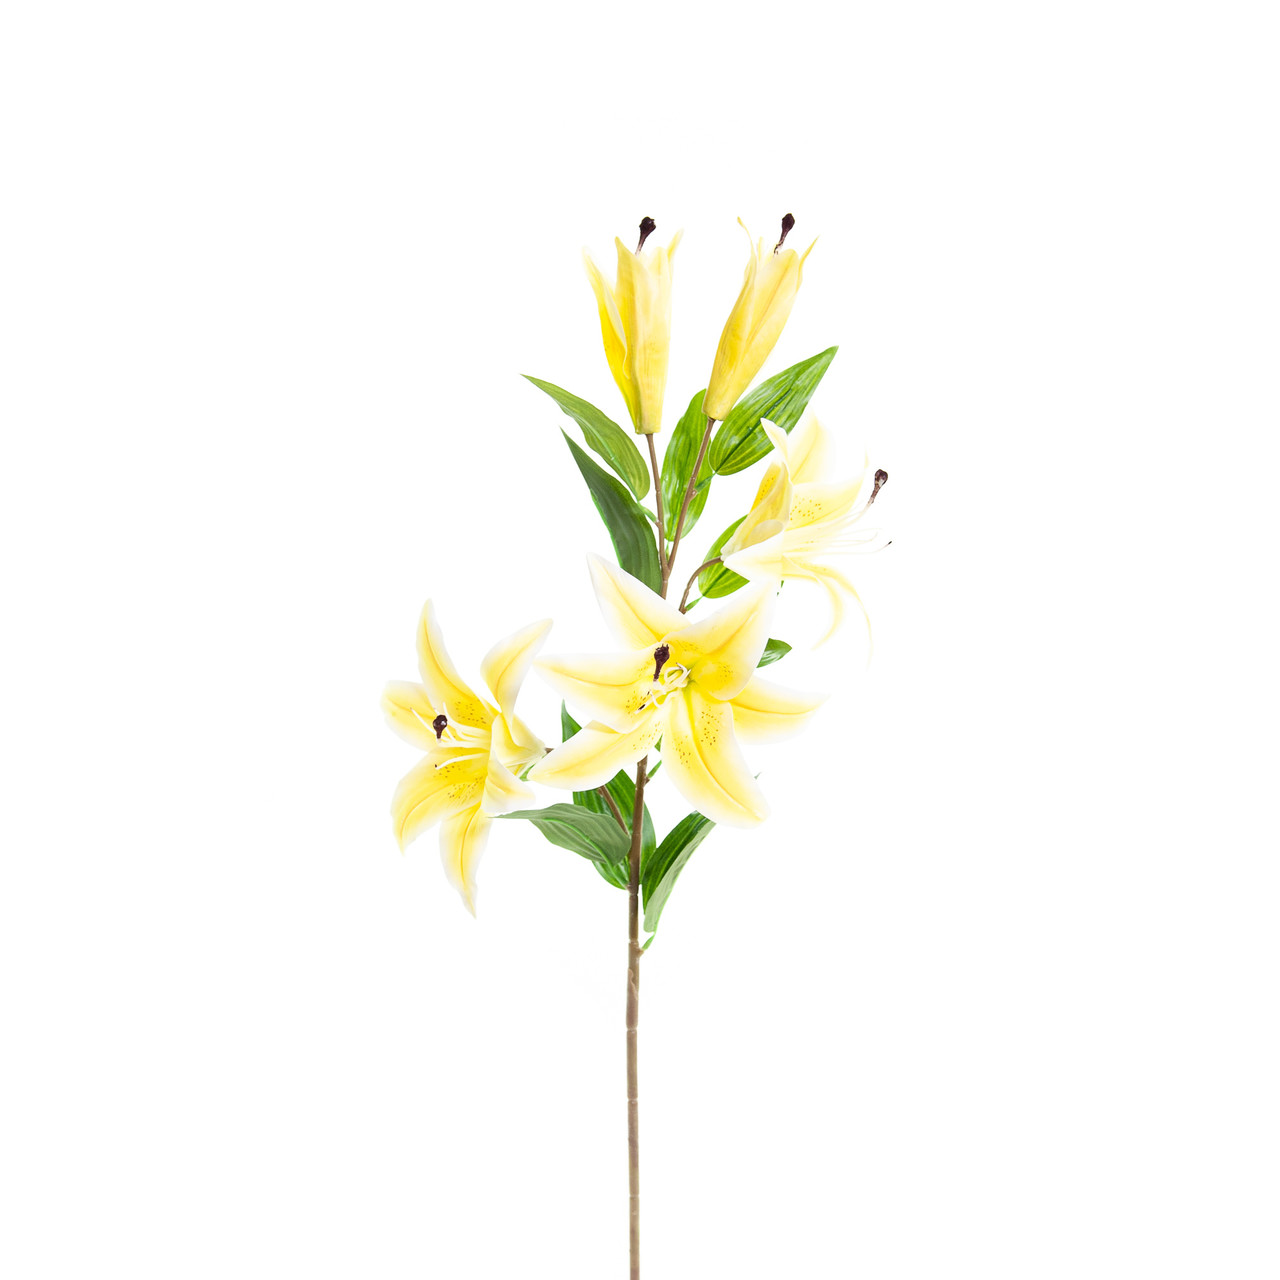 Kunst Lelie 85 cm geel/wit